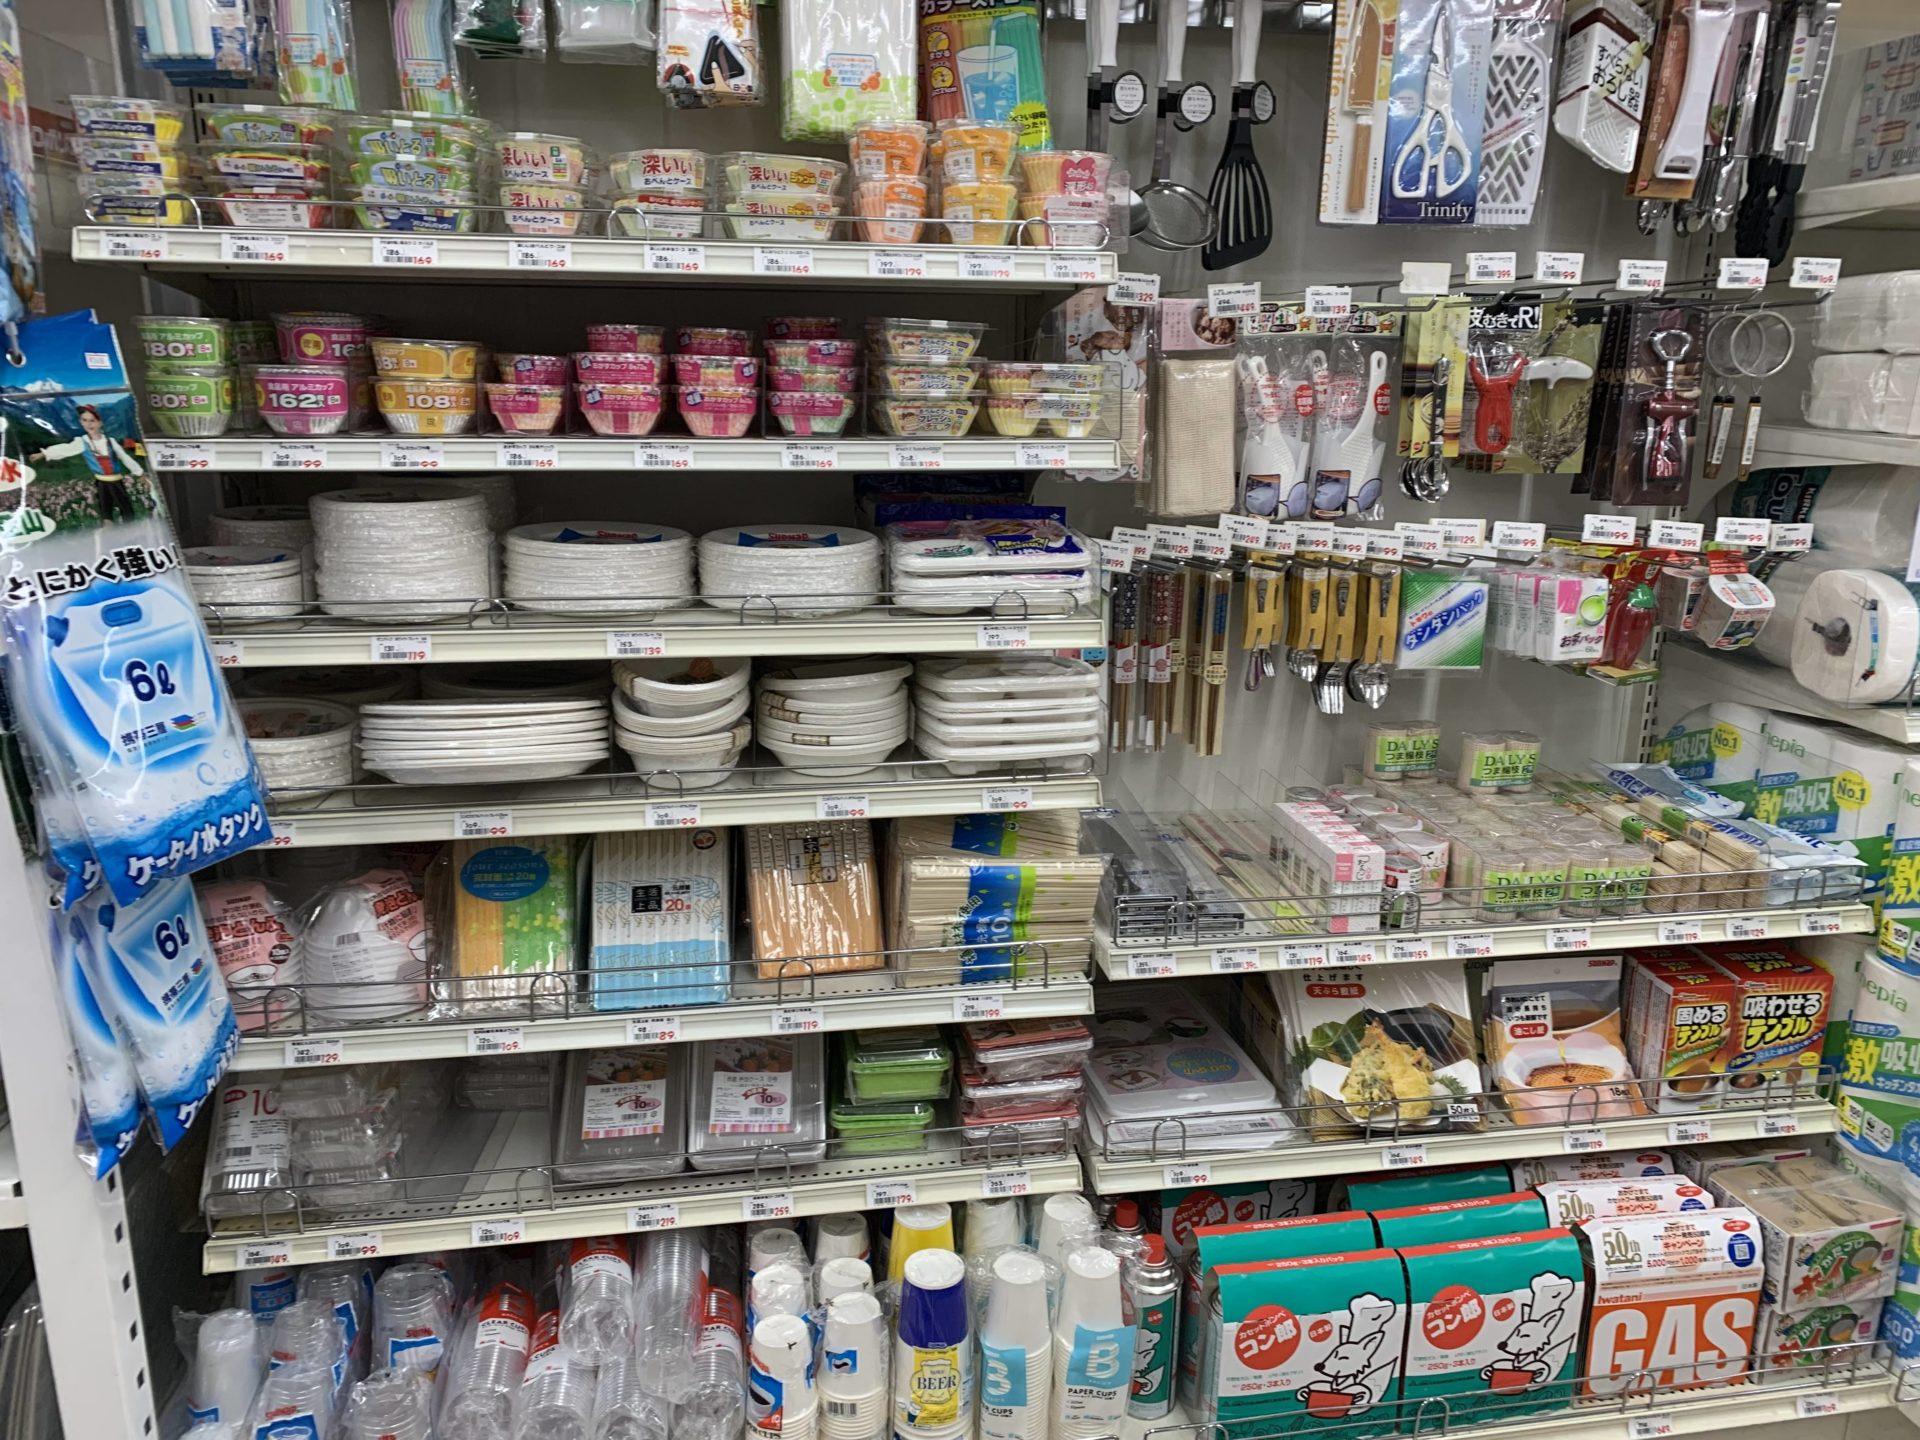 卸売センター「サンエイ」店内のバーべキュー関連用品